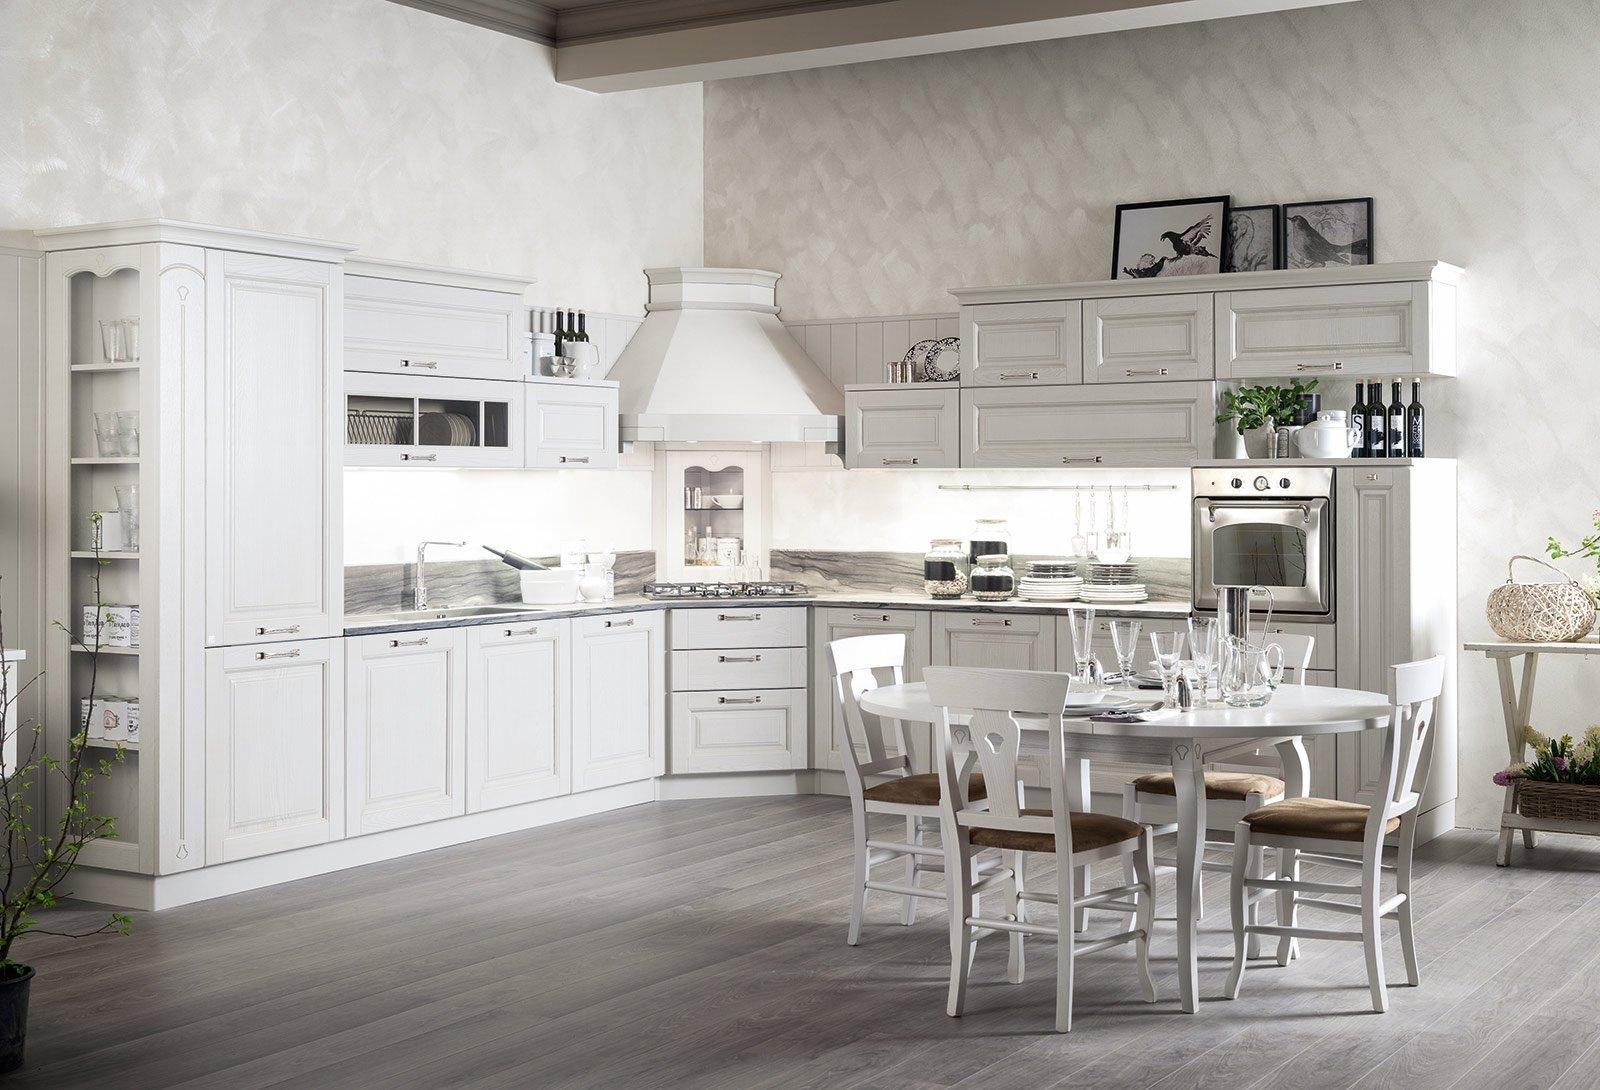 La nuova cucina country new classic cose di casa for 4 piani casa in stile ranch con 4 camere da letto